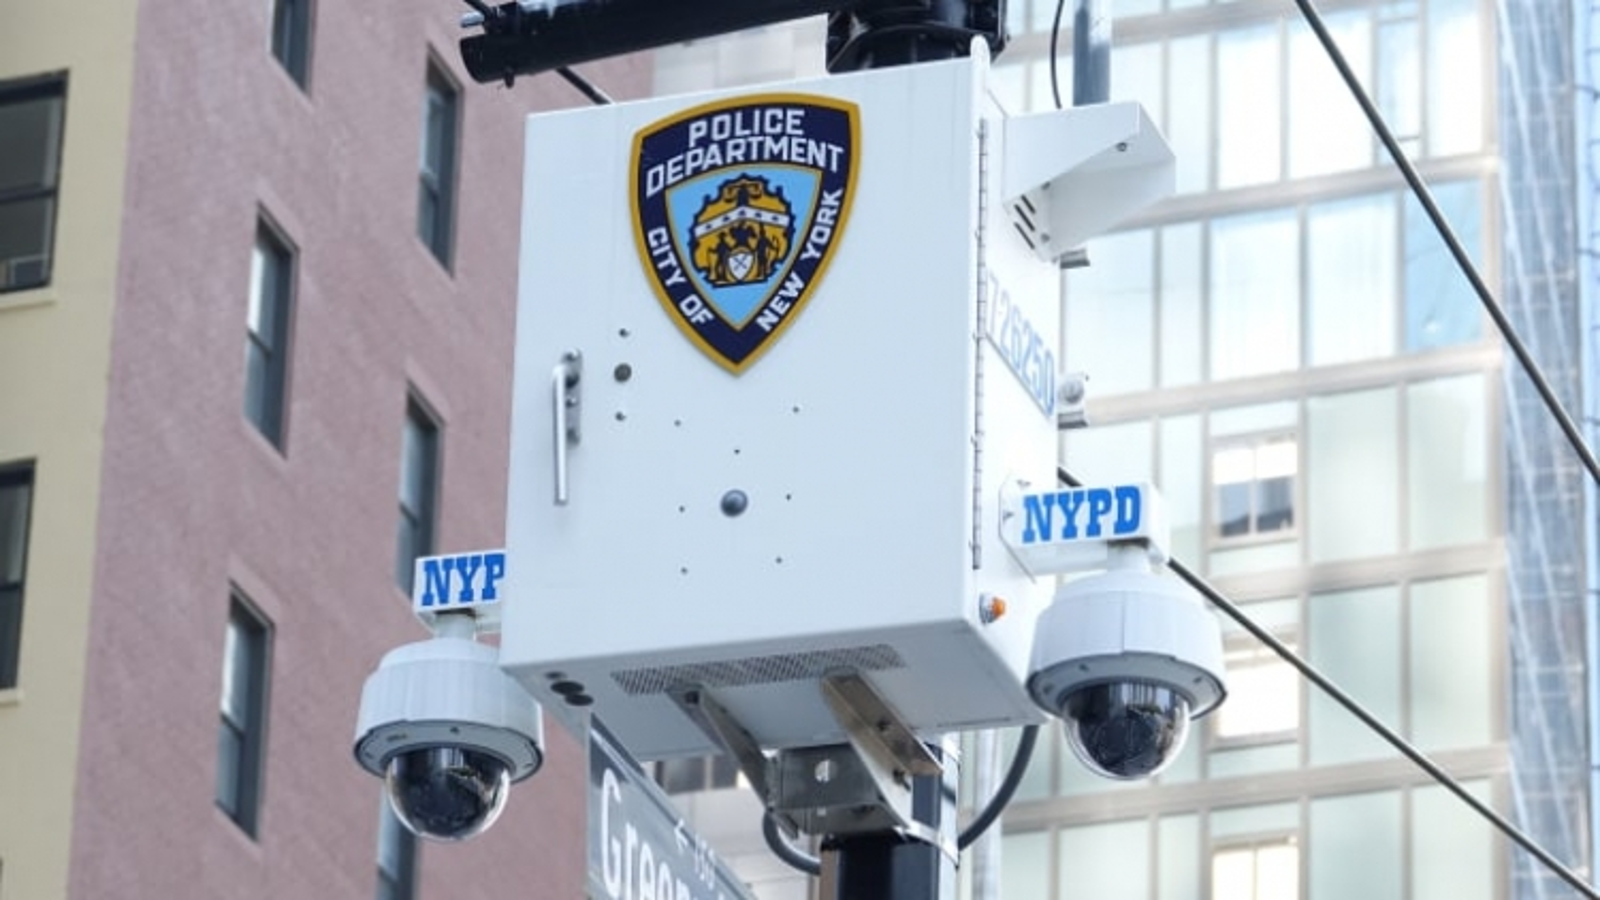 """Trung Quốc tố Mỹ """"bịa đặt"""" vụ cảnh sát New York làm gián điệp"""